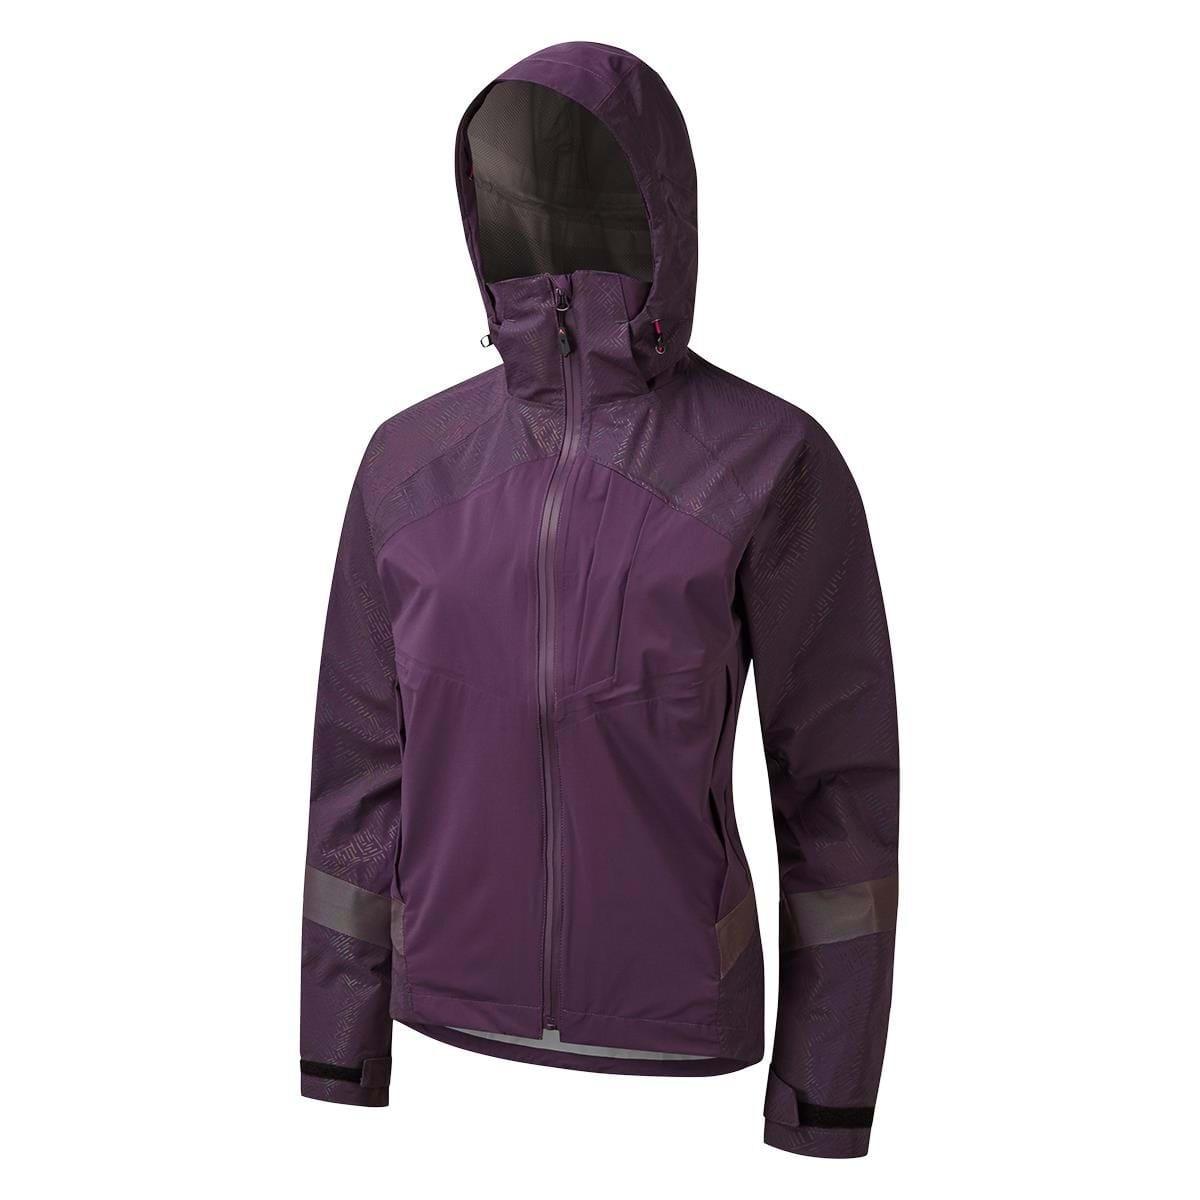 Nightvision Hurricane Women's Waterproof Jacket